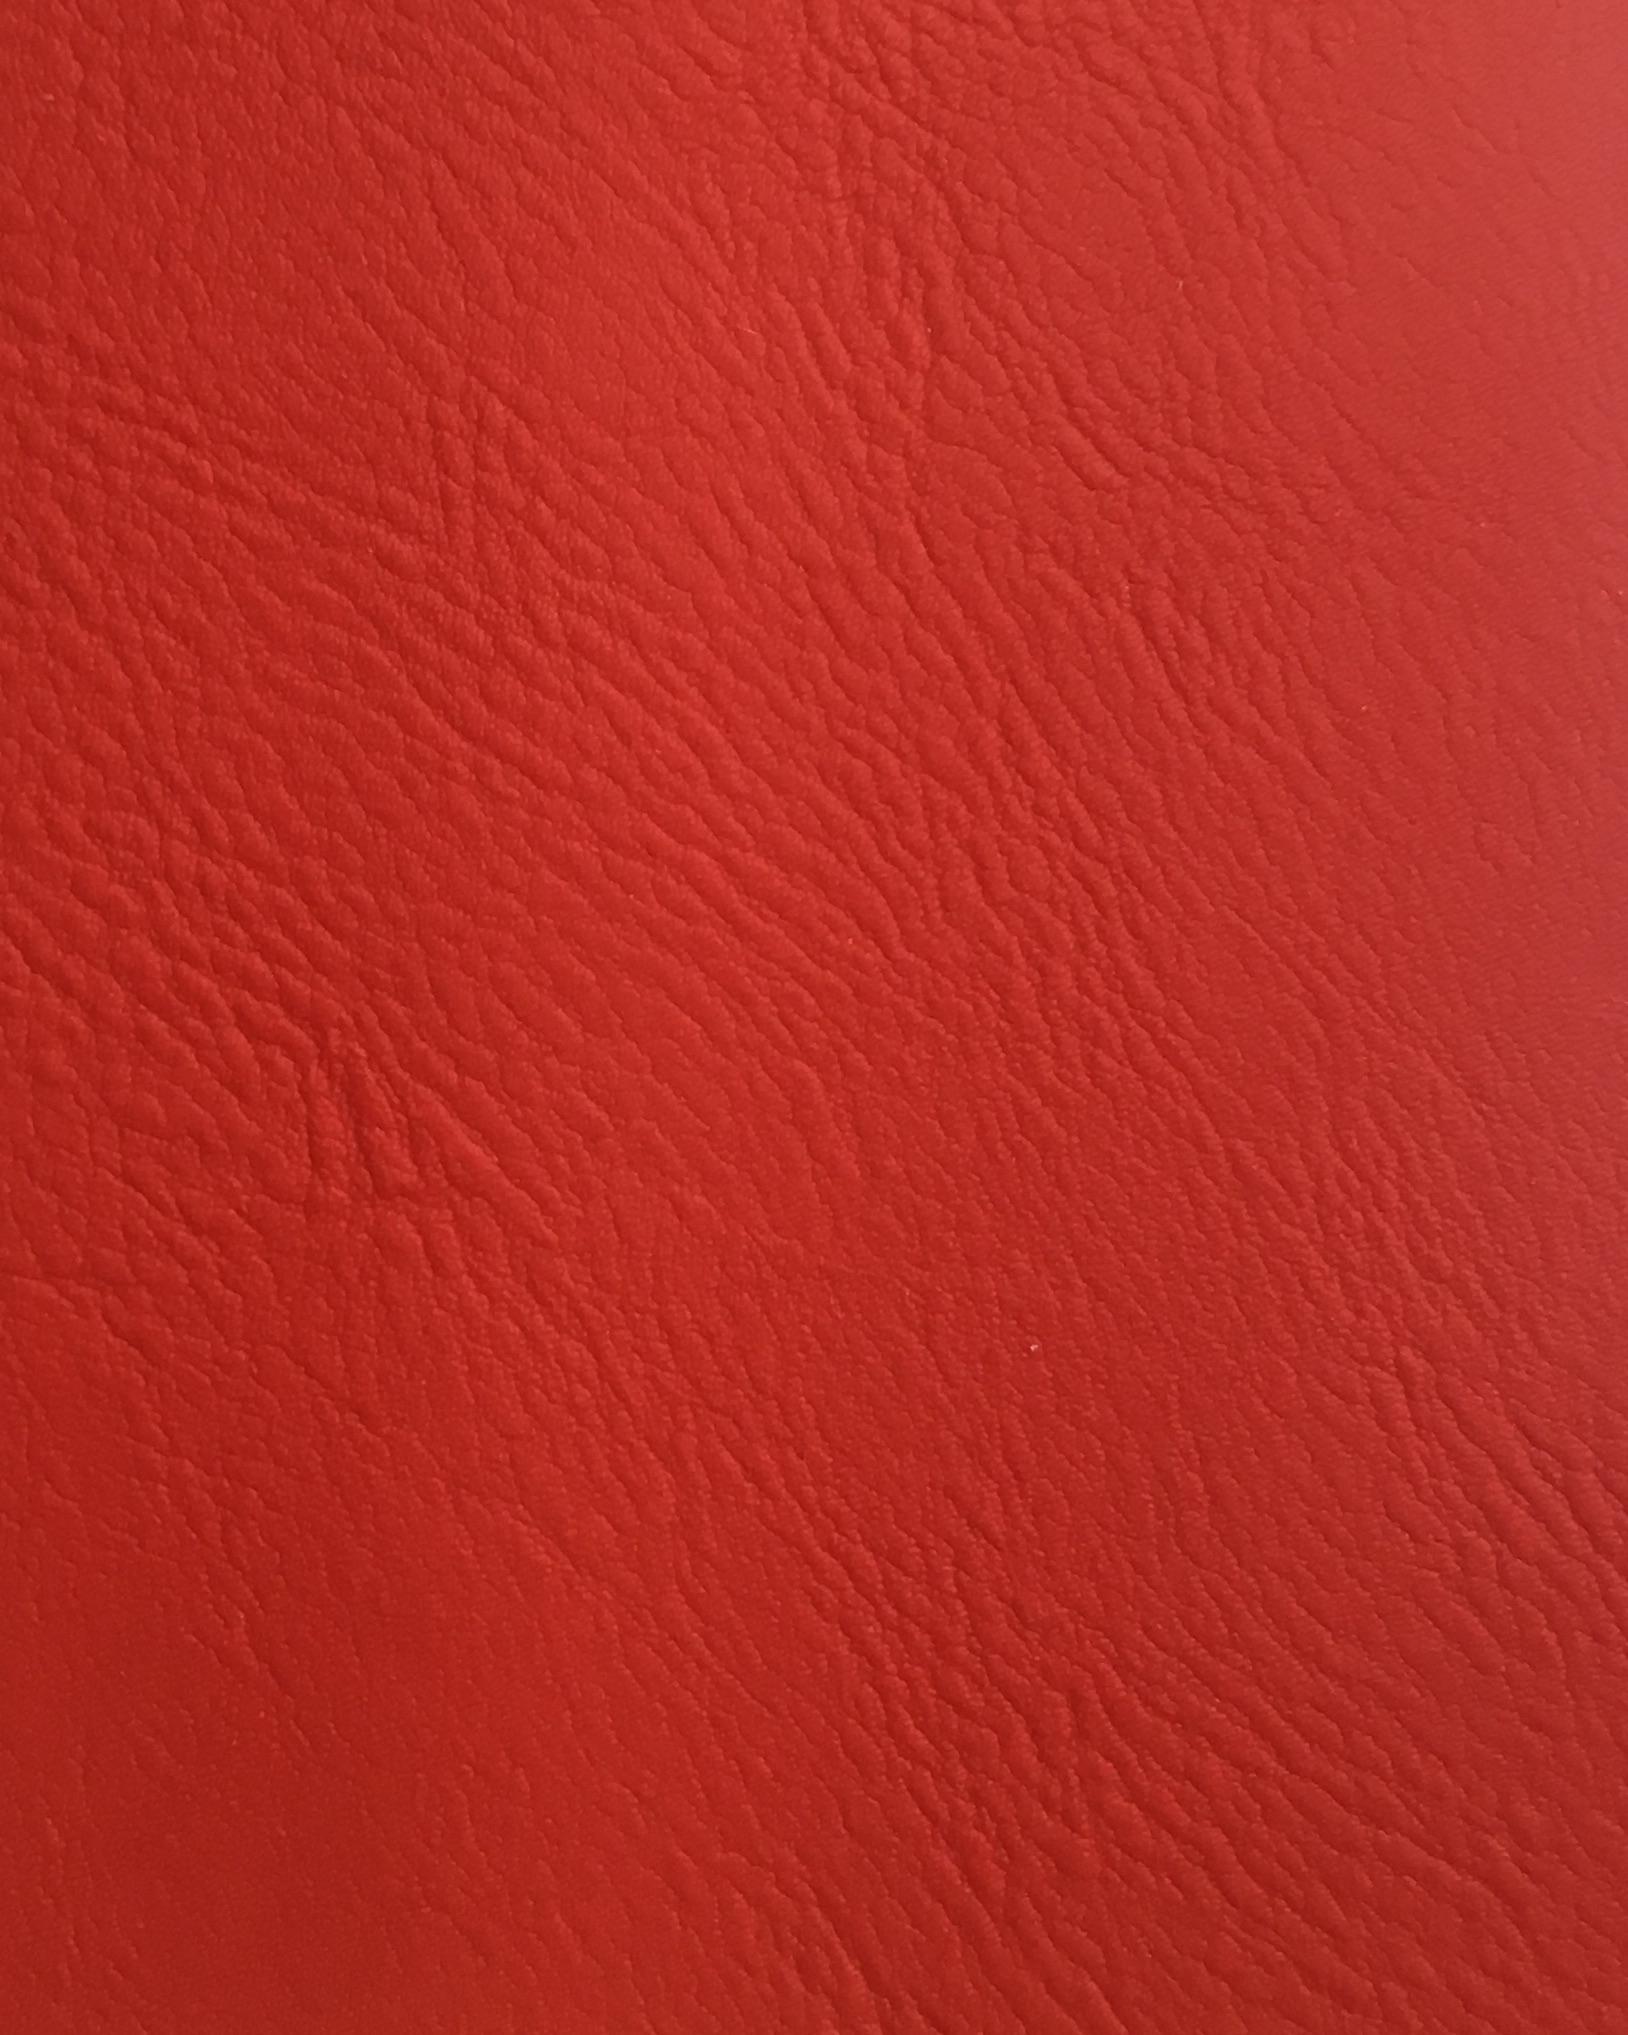 真皮纹系列-大红